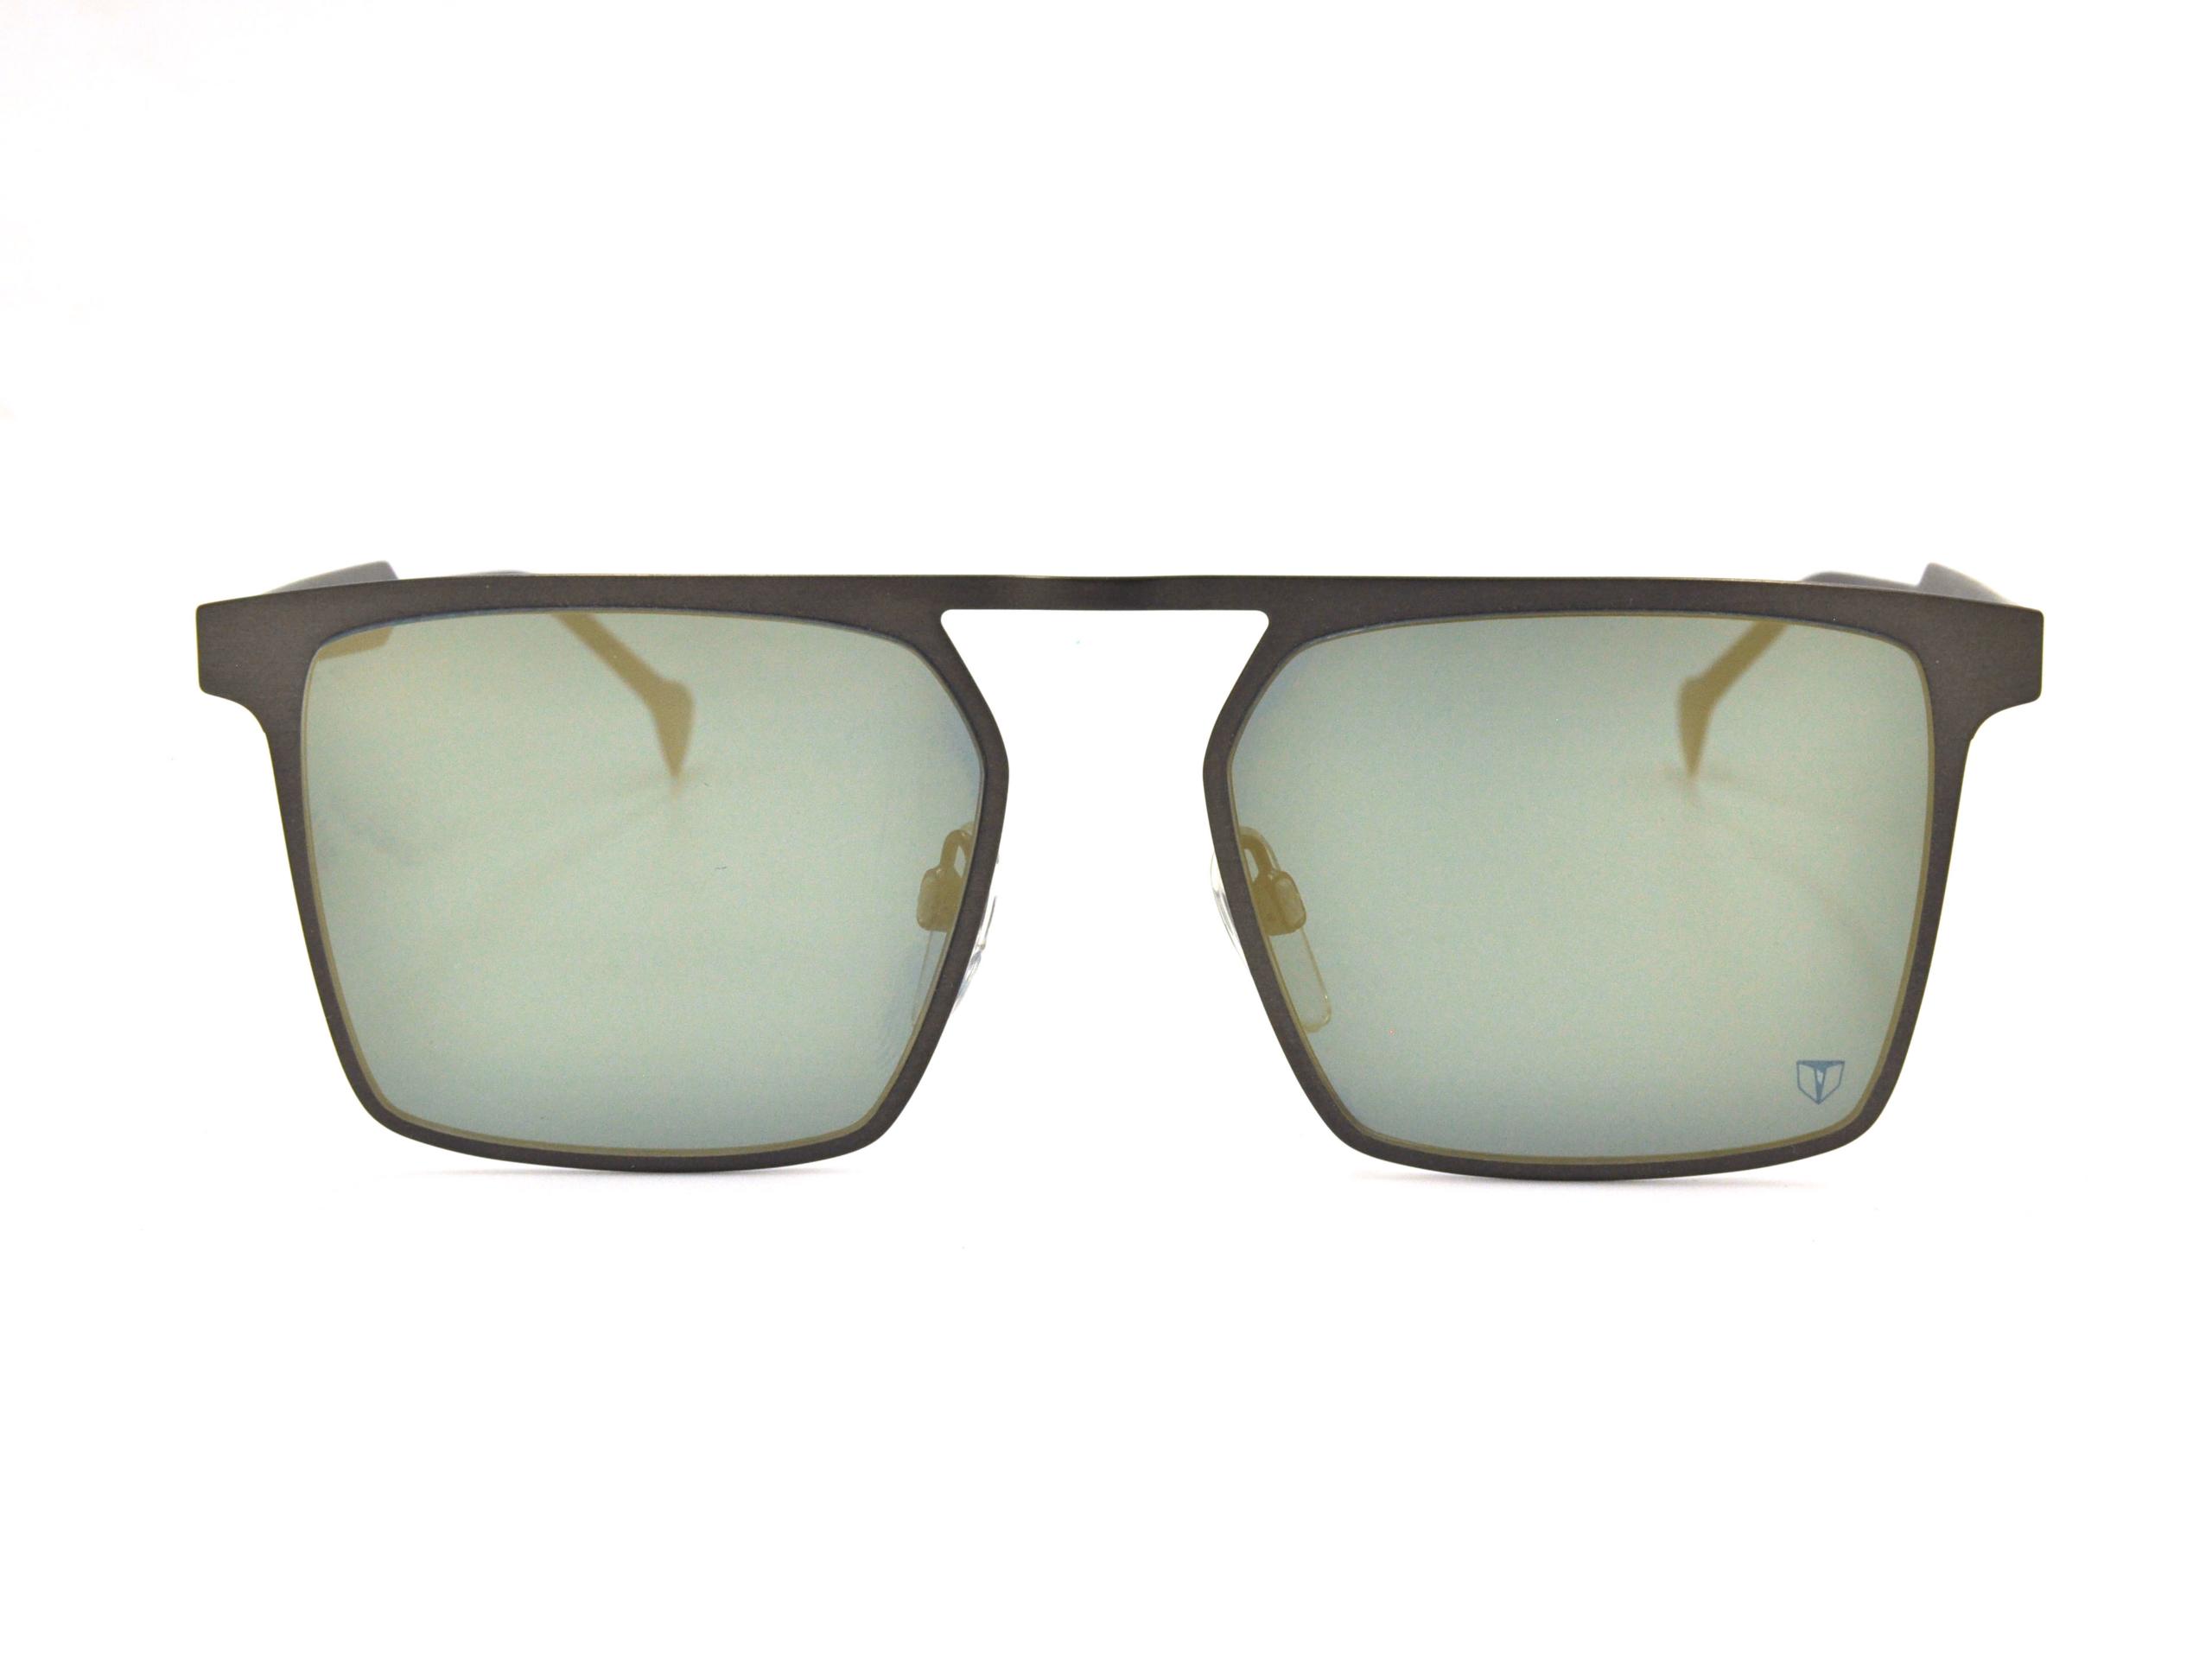 Γυαλιά ηλίου T CHARGE T3082 02B 53-17-150 Πειραιάς